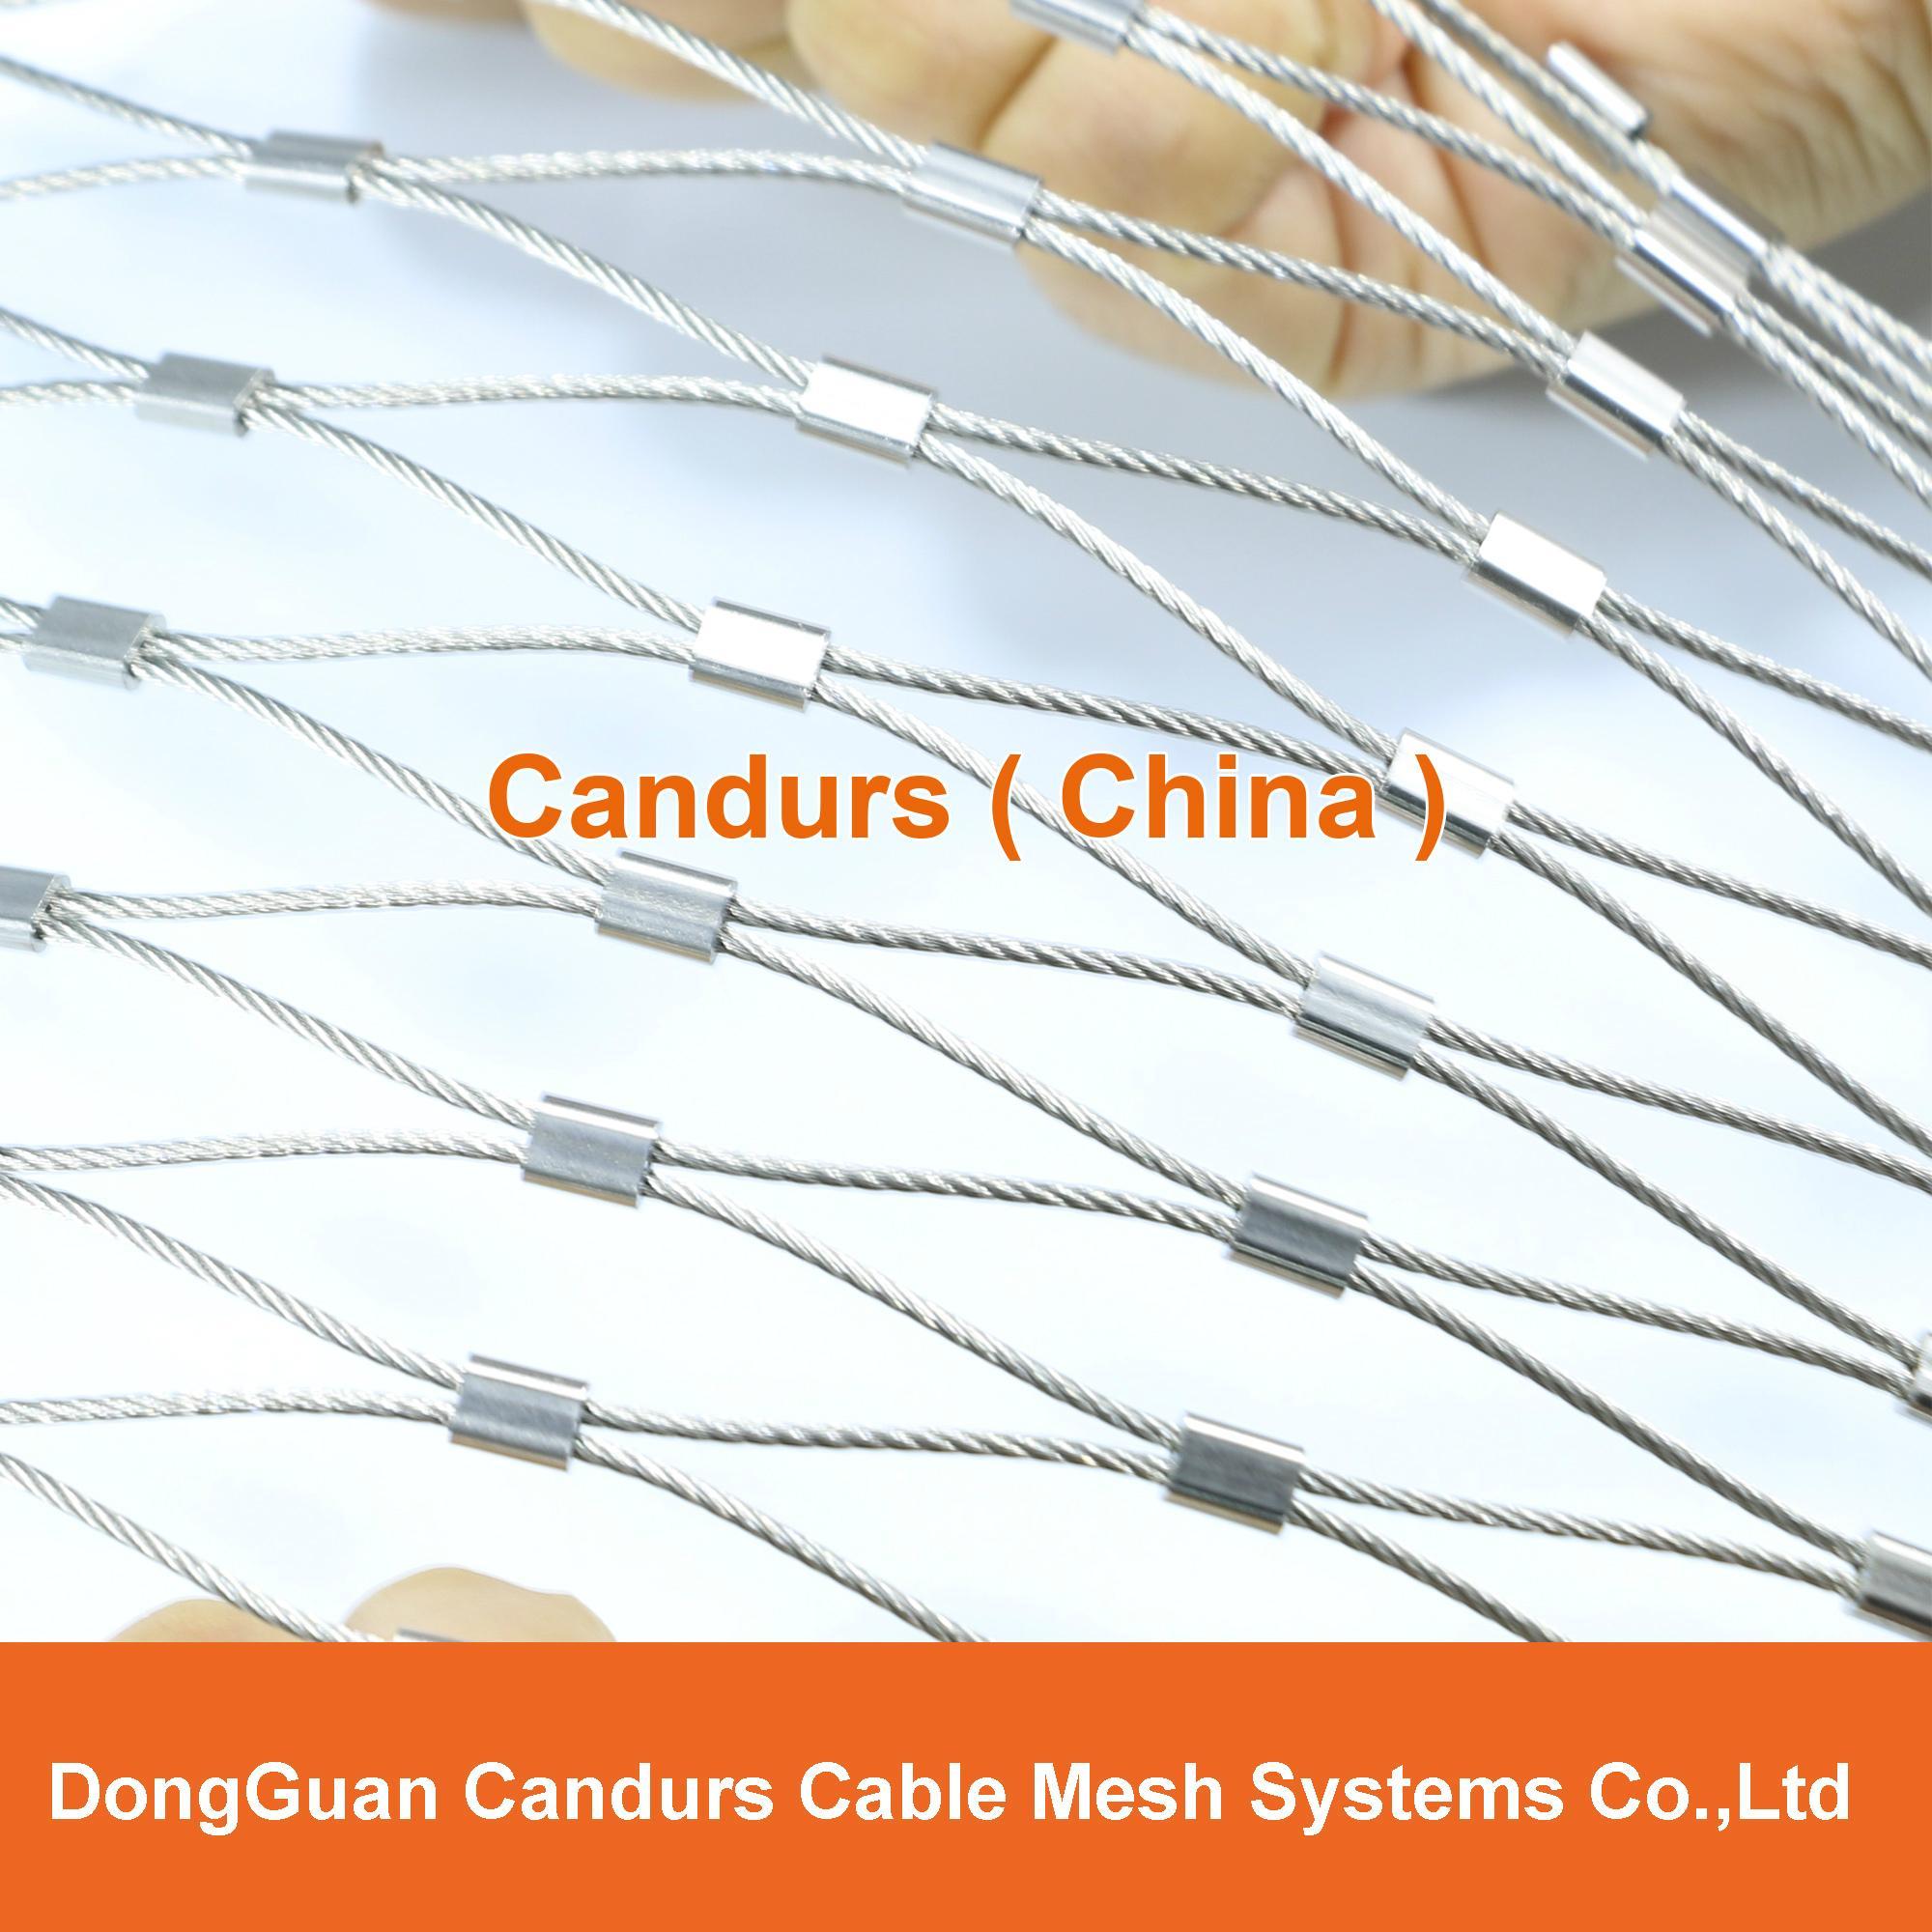 不鏽鋼實用裝飾防護網 11